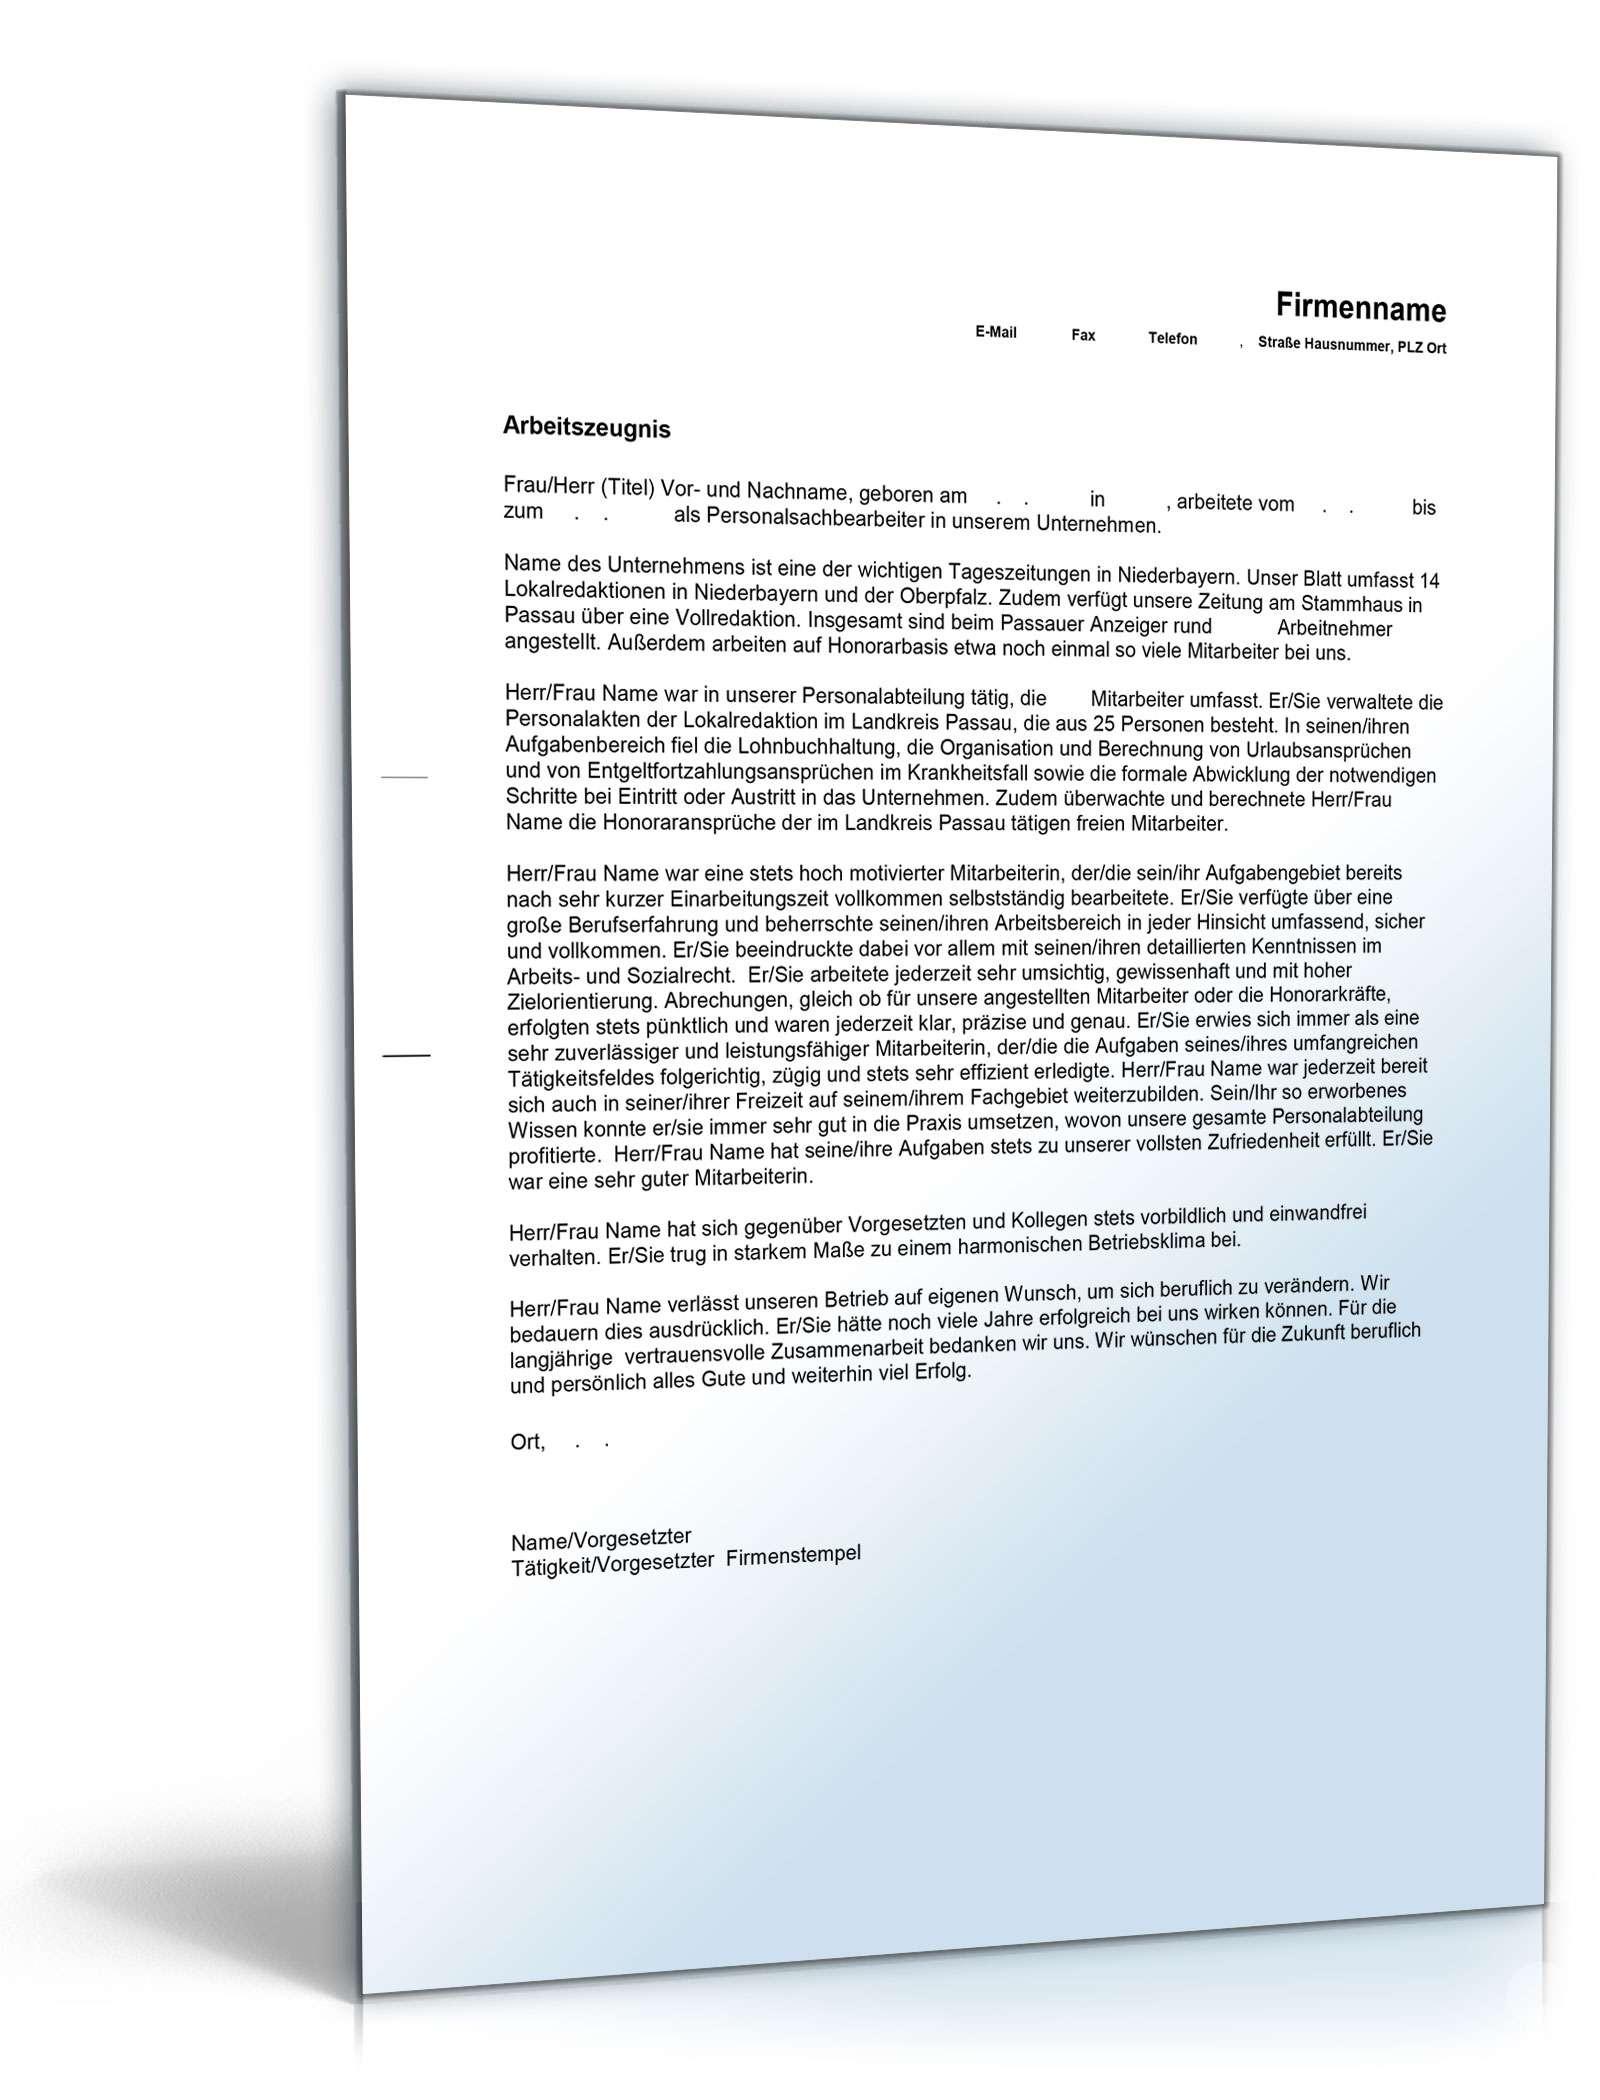 Arbeitszeugnis Personalsachbearbeiter Muster Zum Download